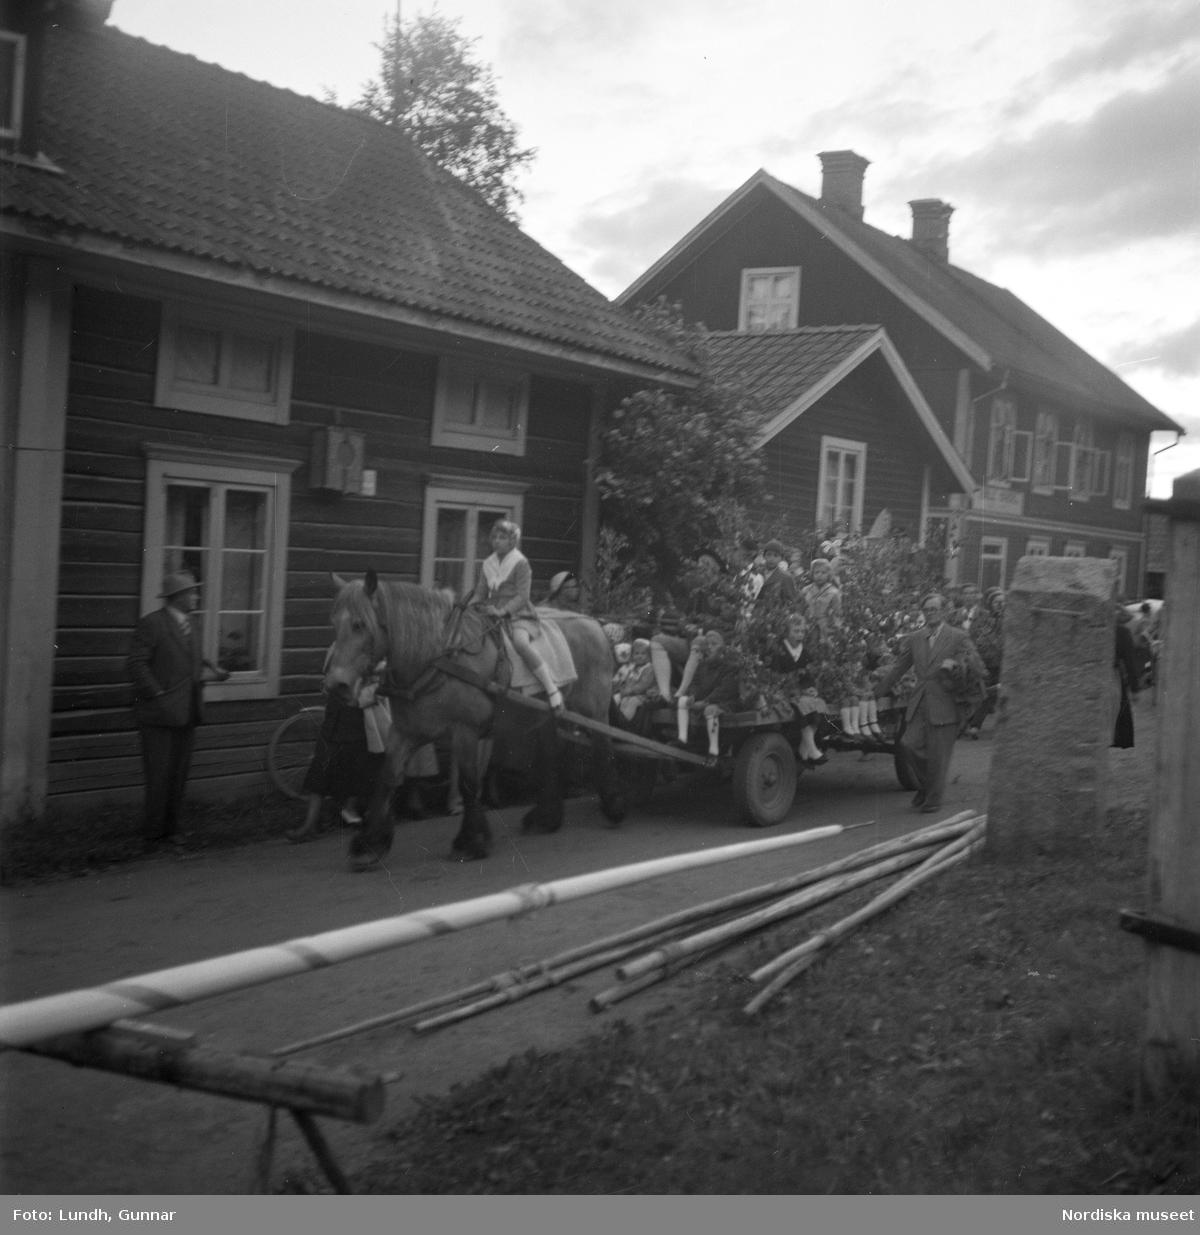 """Motiv: (ingen anteckning) ; En kvinna och två män spelar boccia, porträtt av en kvinna i folkdräkt, en folksamling står vid en gärsgård, tre män i folkdräkt rider på hästar framför män som spelar fiol och kvinnor i folkdräkt som går på en väg """"Midsommartåget till Tibble"""", en kvinna i folkdräkt rider på en häst som drar en vagn med barn, kvinnor och män pryder en midsommarstång med lövade ringar.dju"""